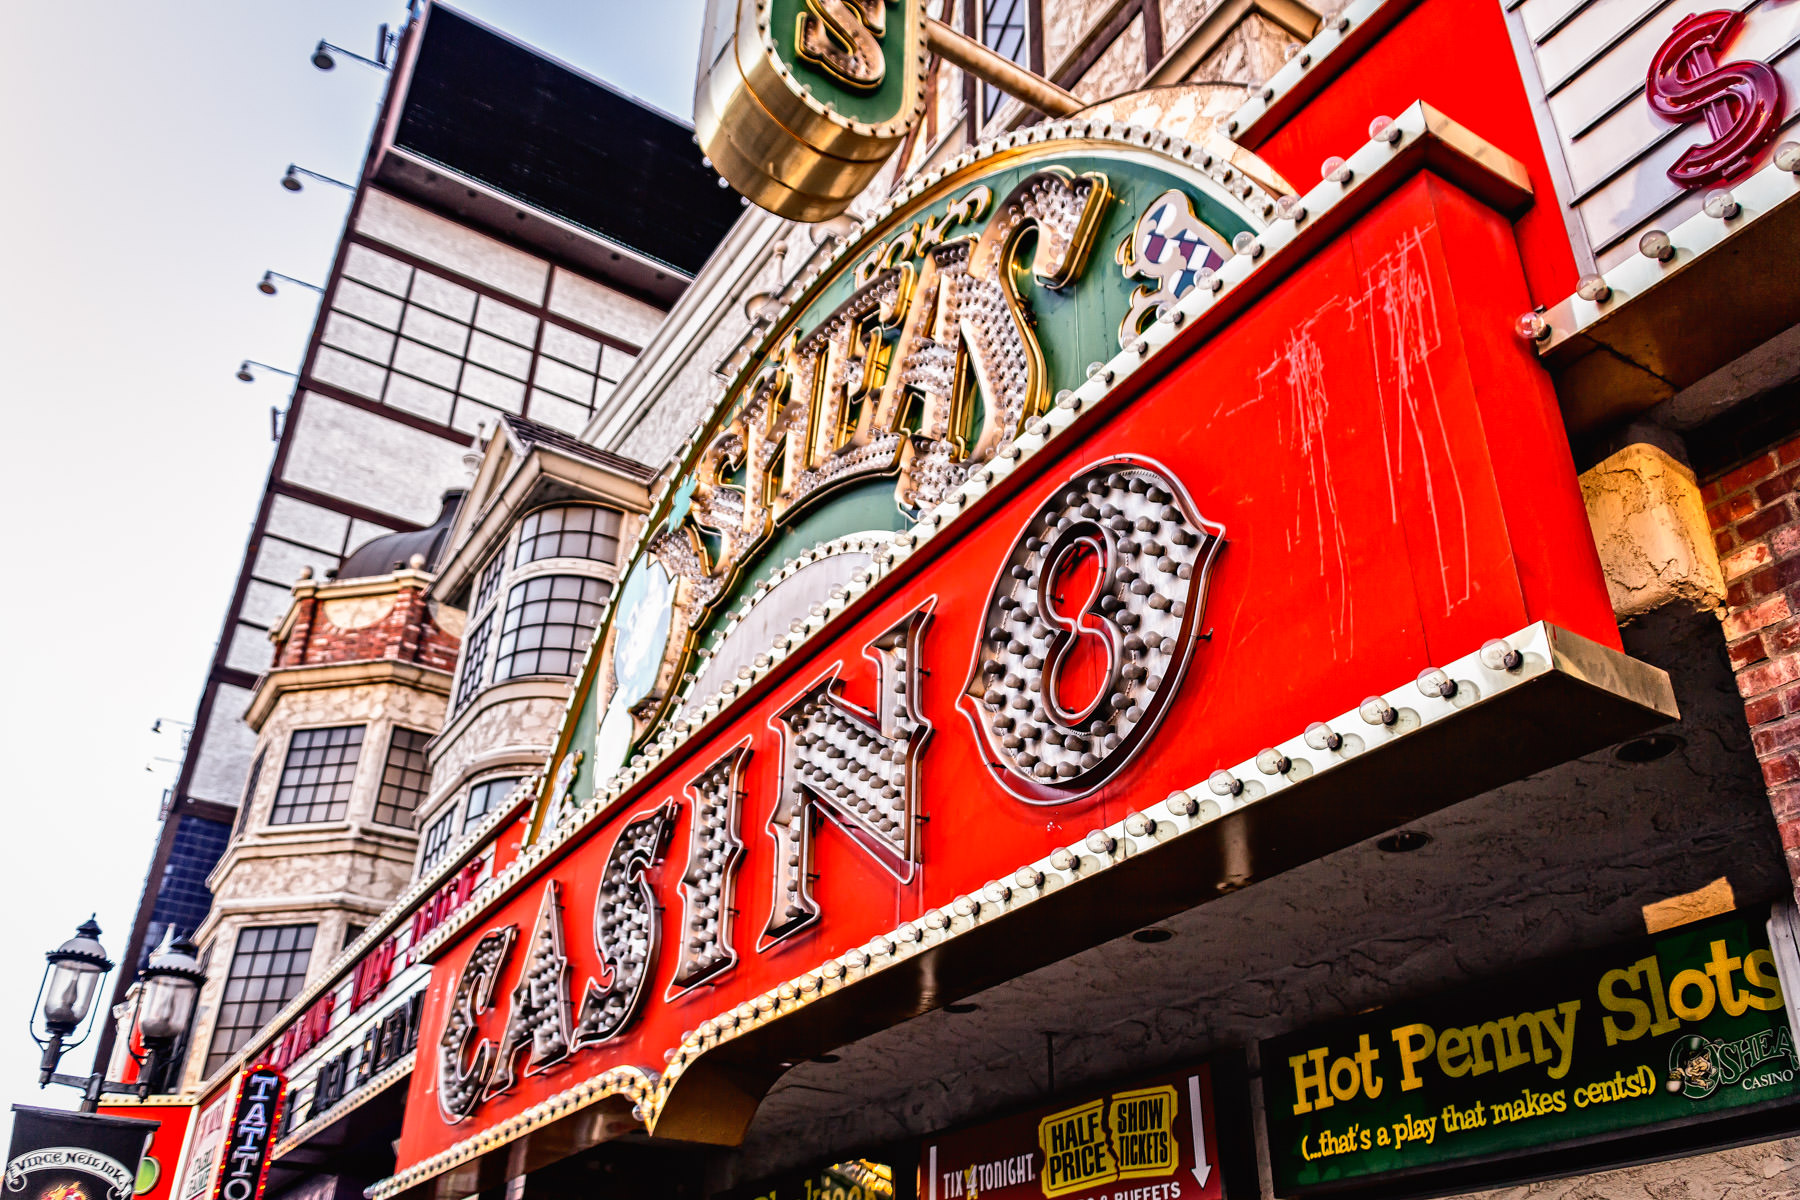 Exterior detail of O'Shea's Casino, Las Vegas.